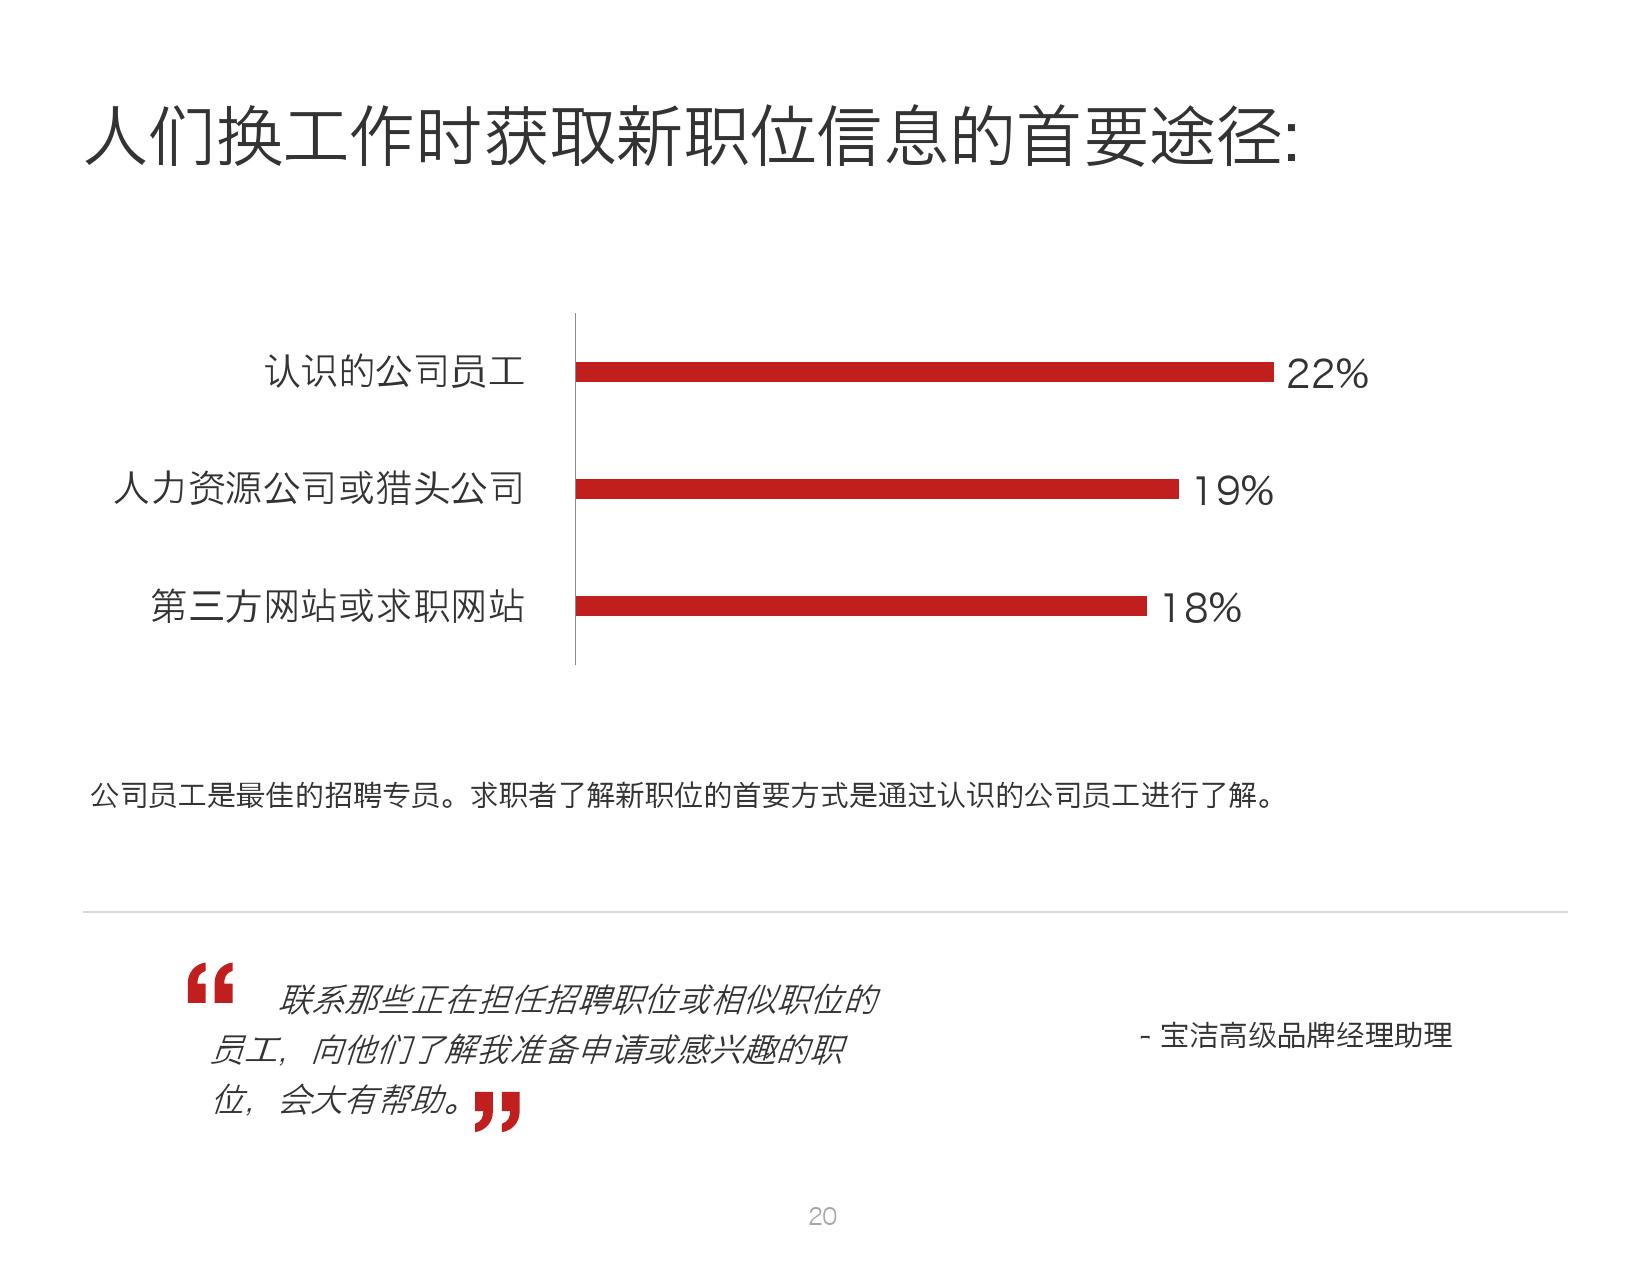 2016年中国人才趋势报告_000020